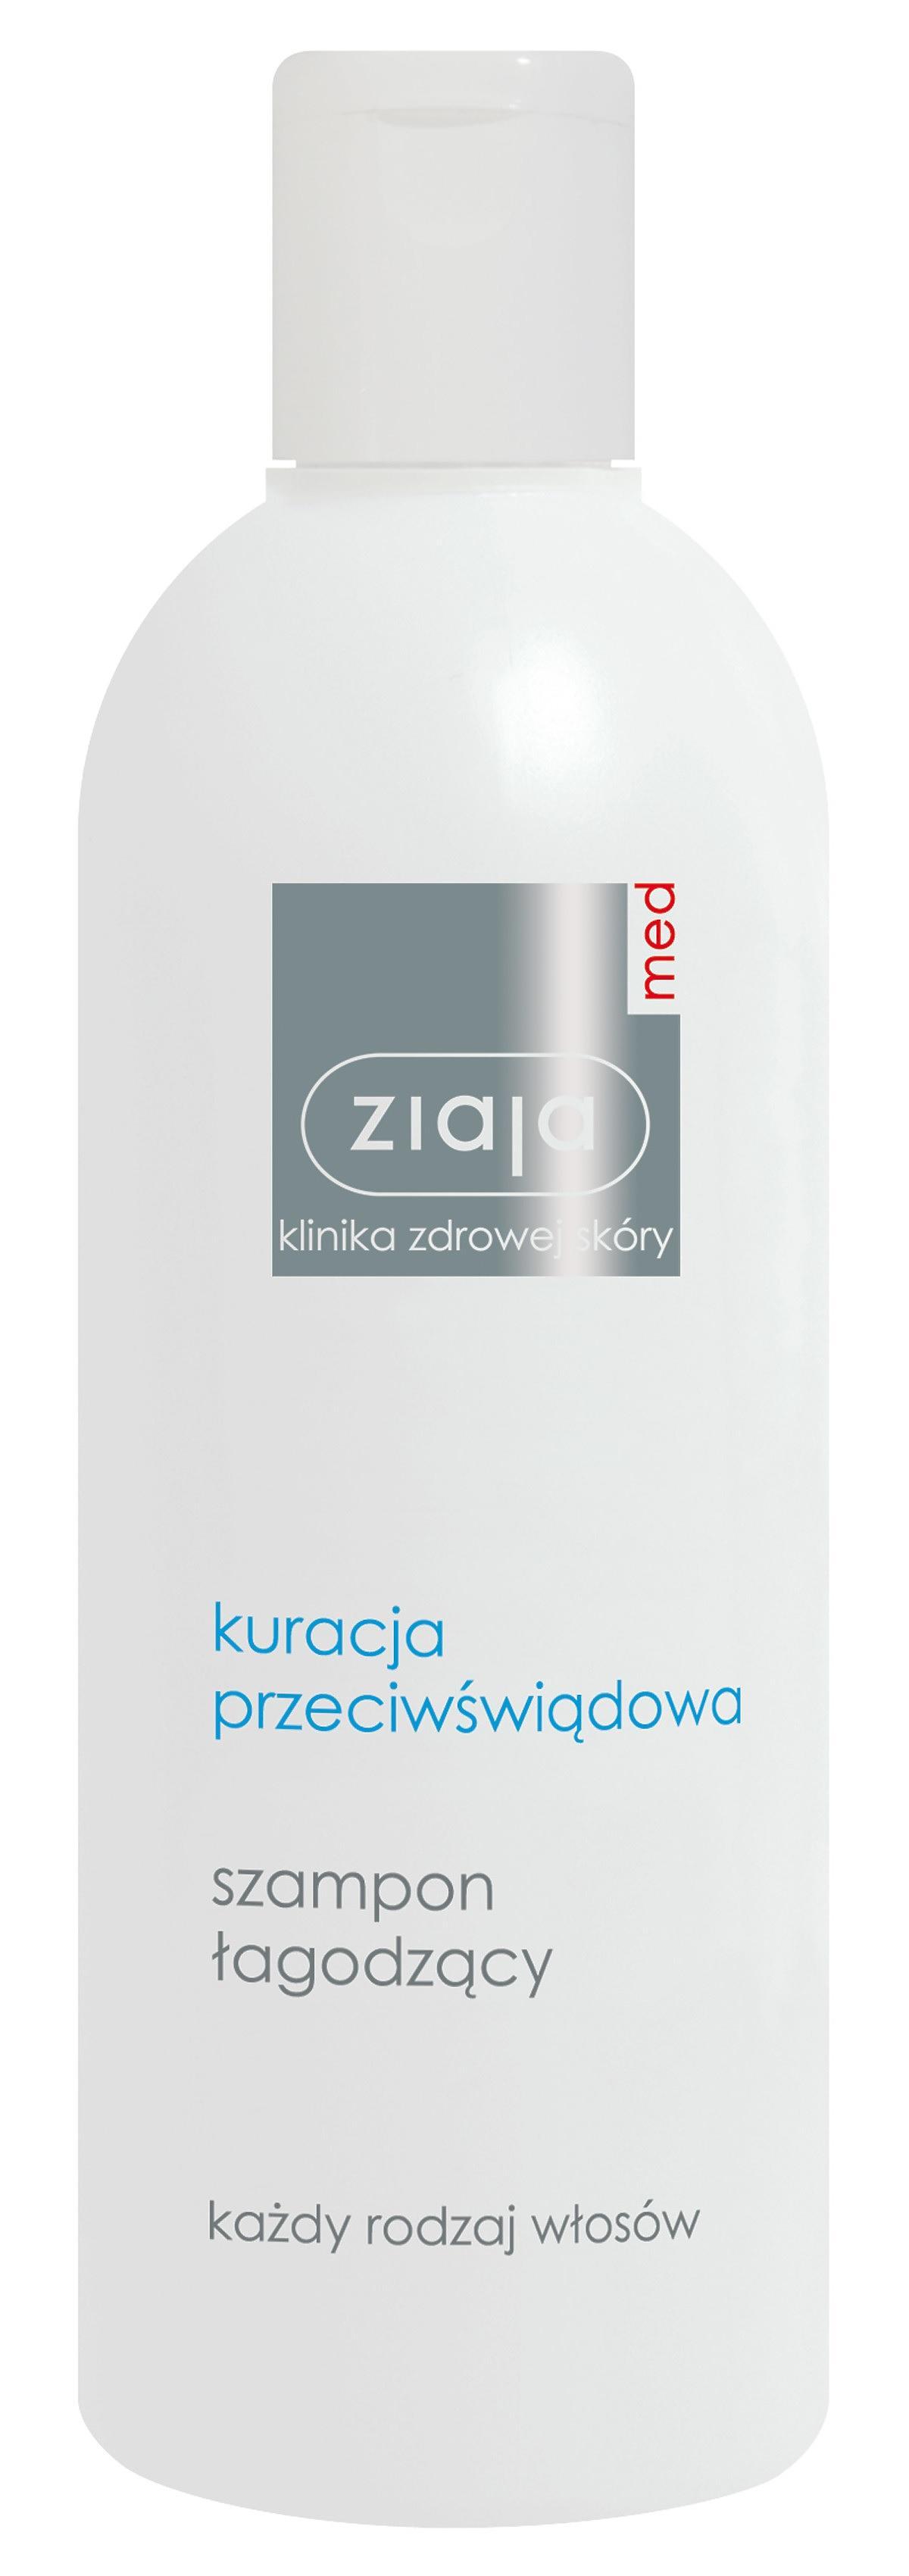 szampon łagodzący ziaja med